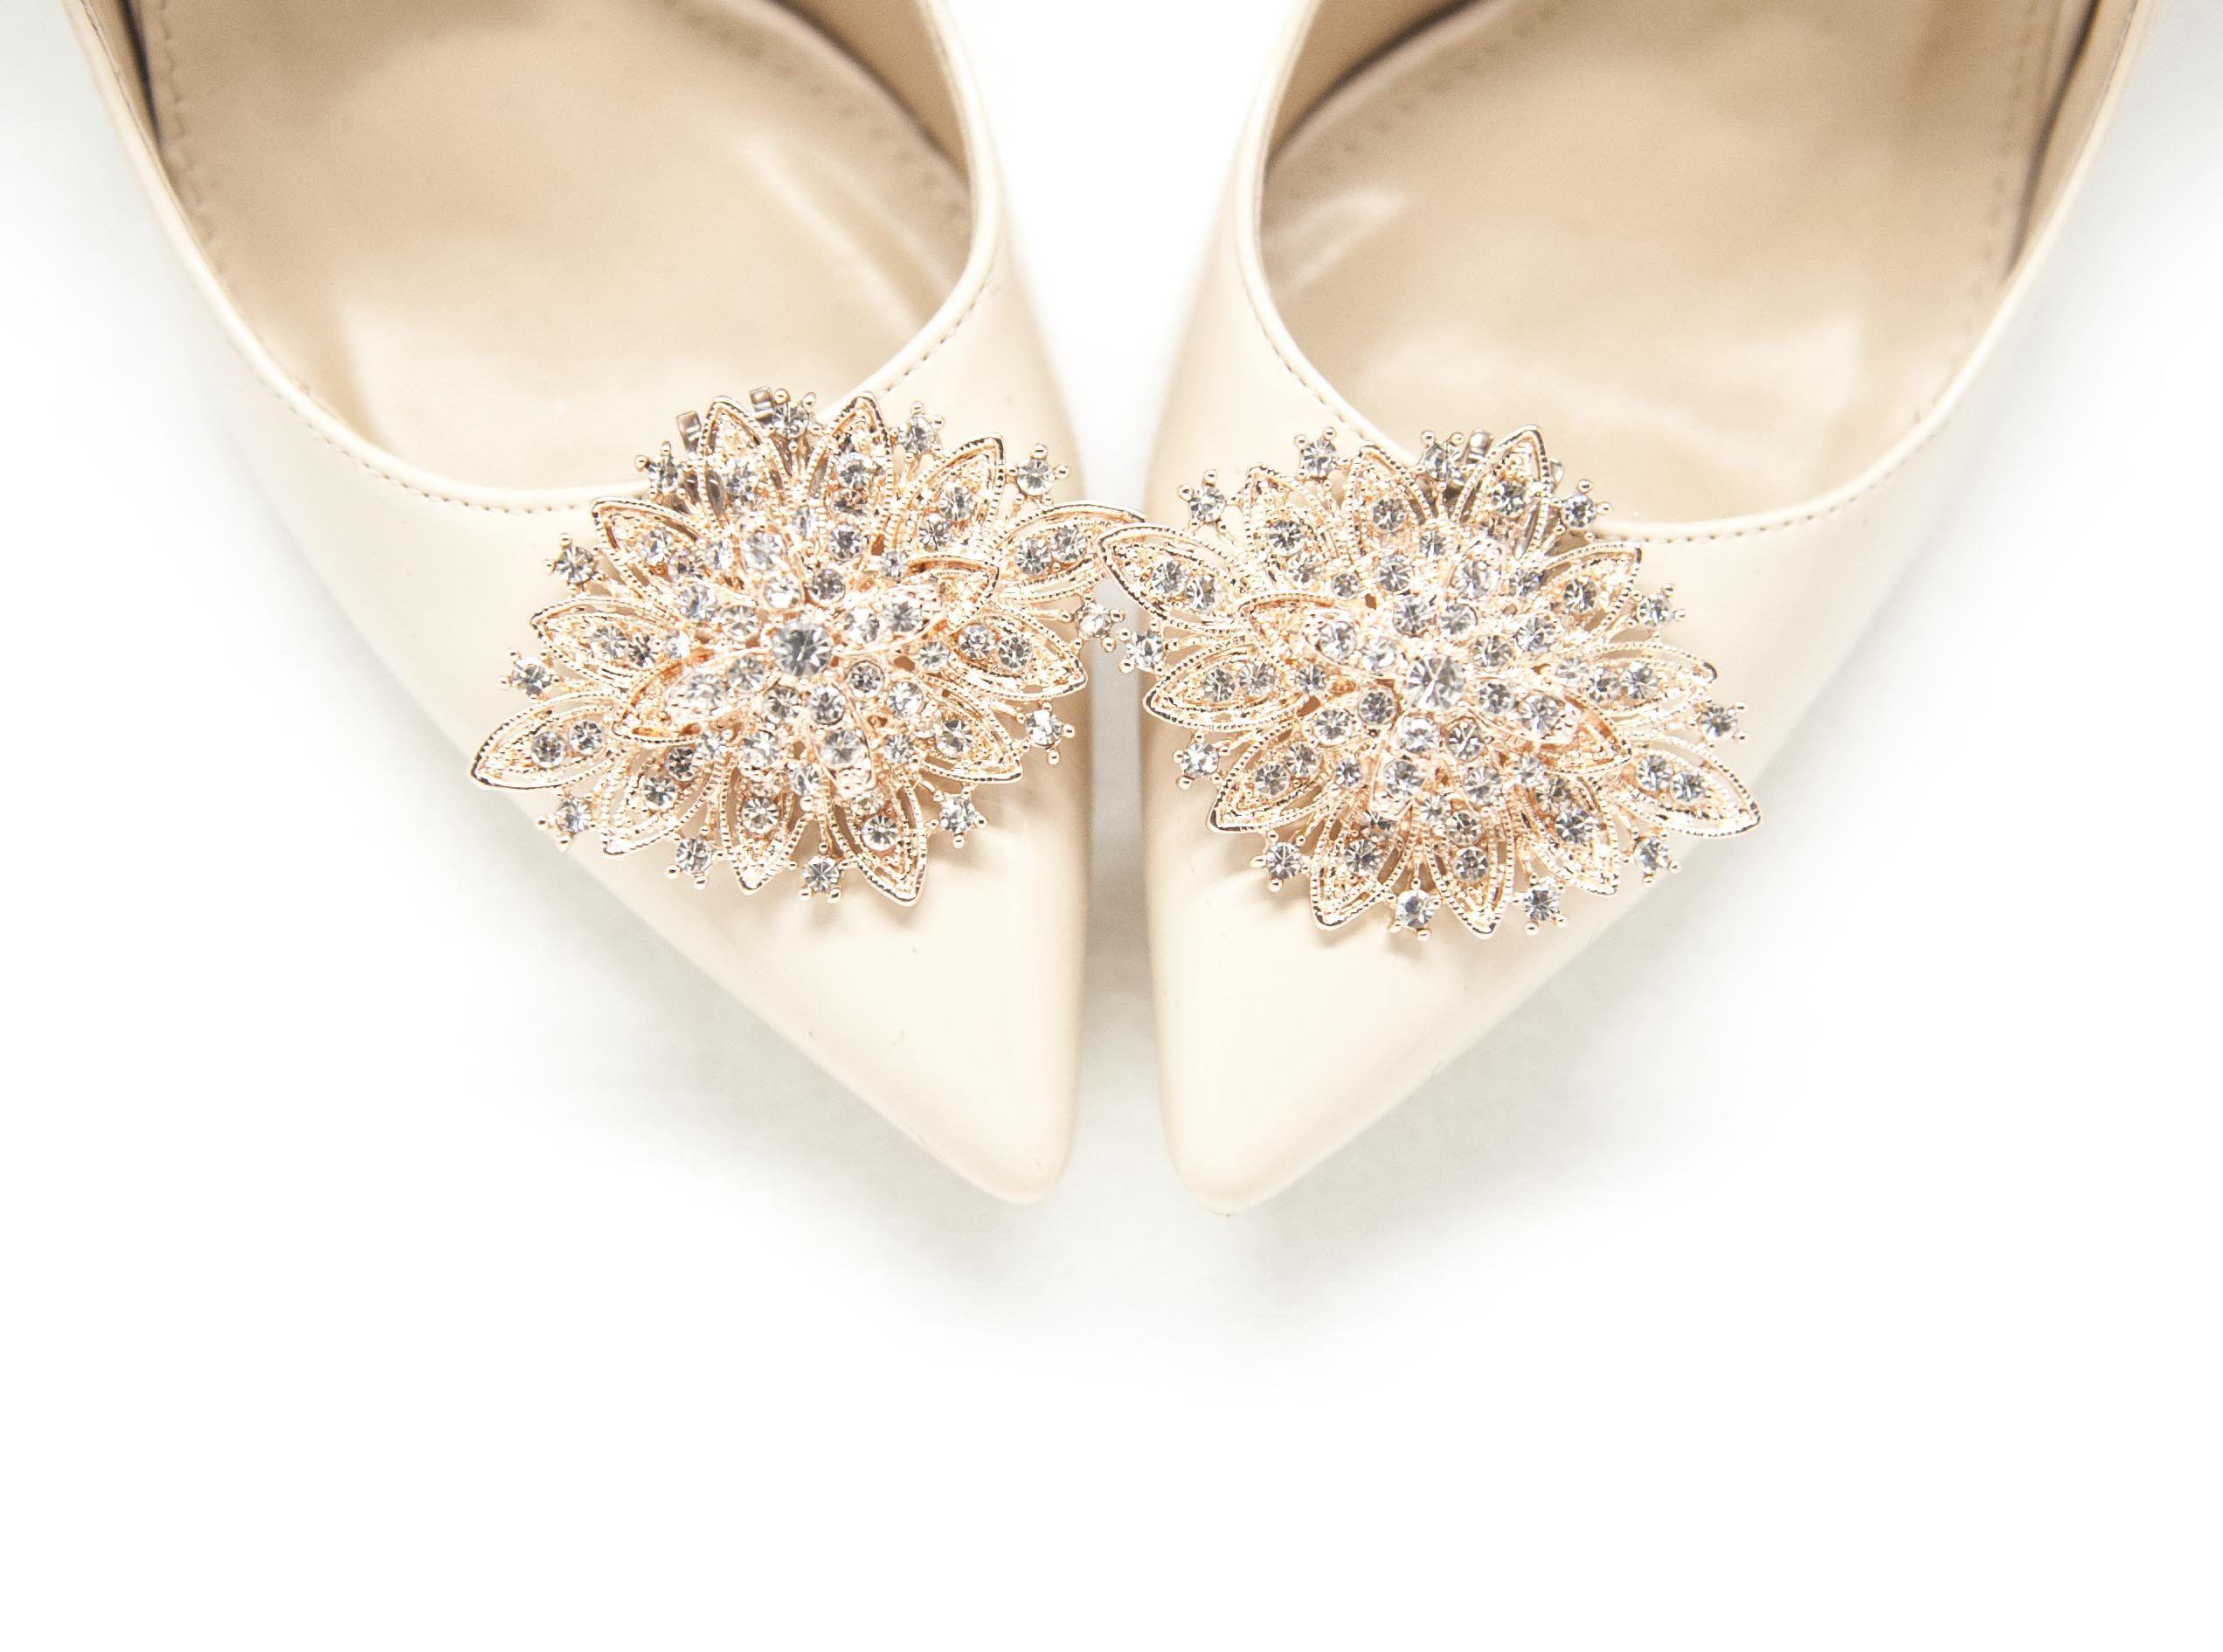 Ozdoby Z Cyrkoniami Rozowe Zloto Buty Do Slubu Buty Dla Etsy Wedding Shoes Shoe Clips Shoes